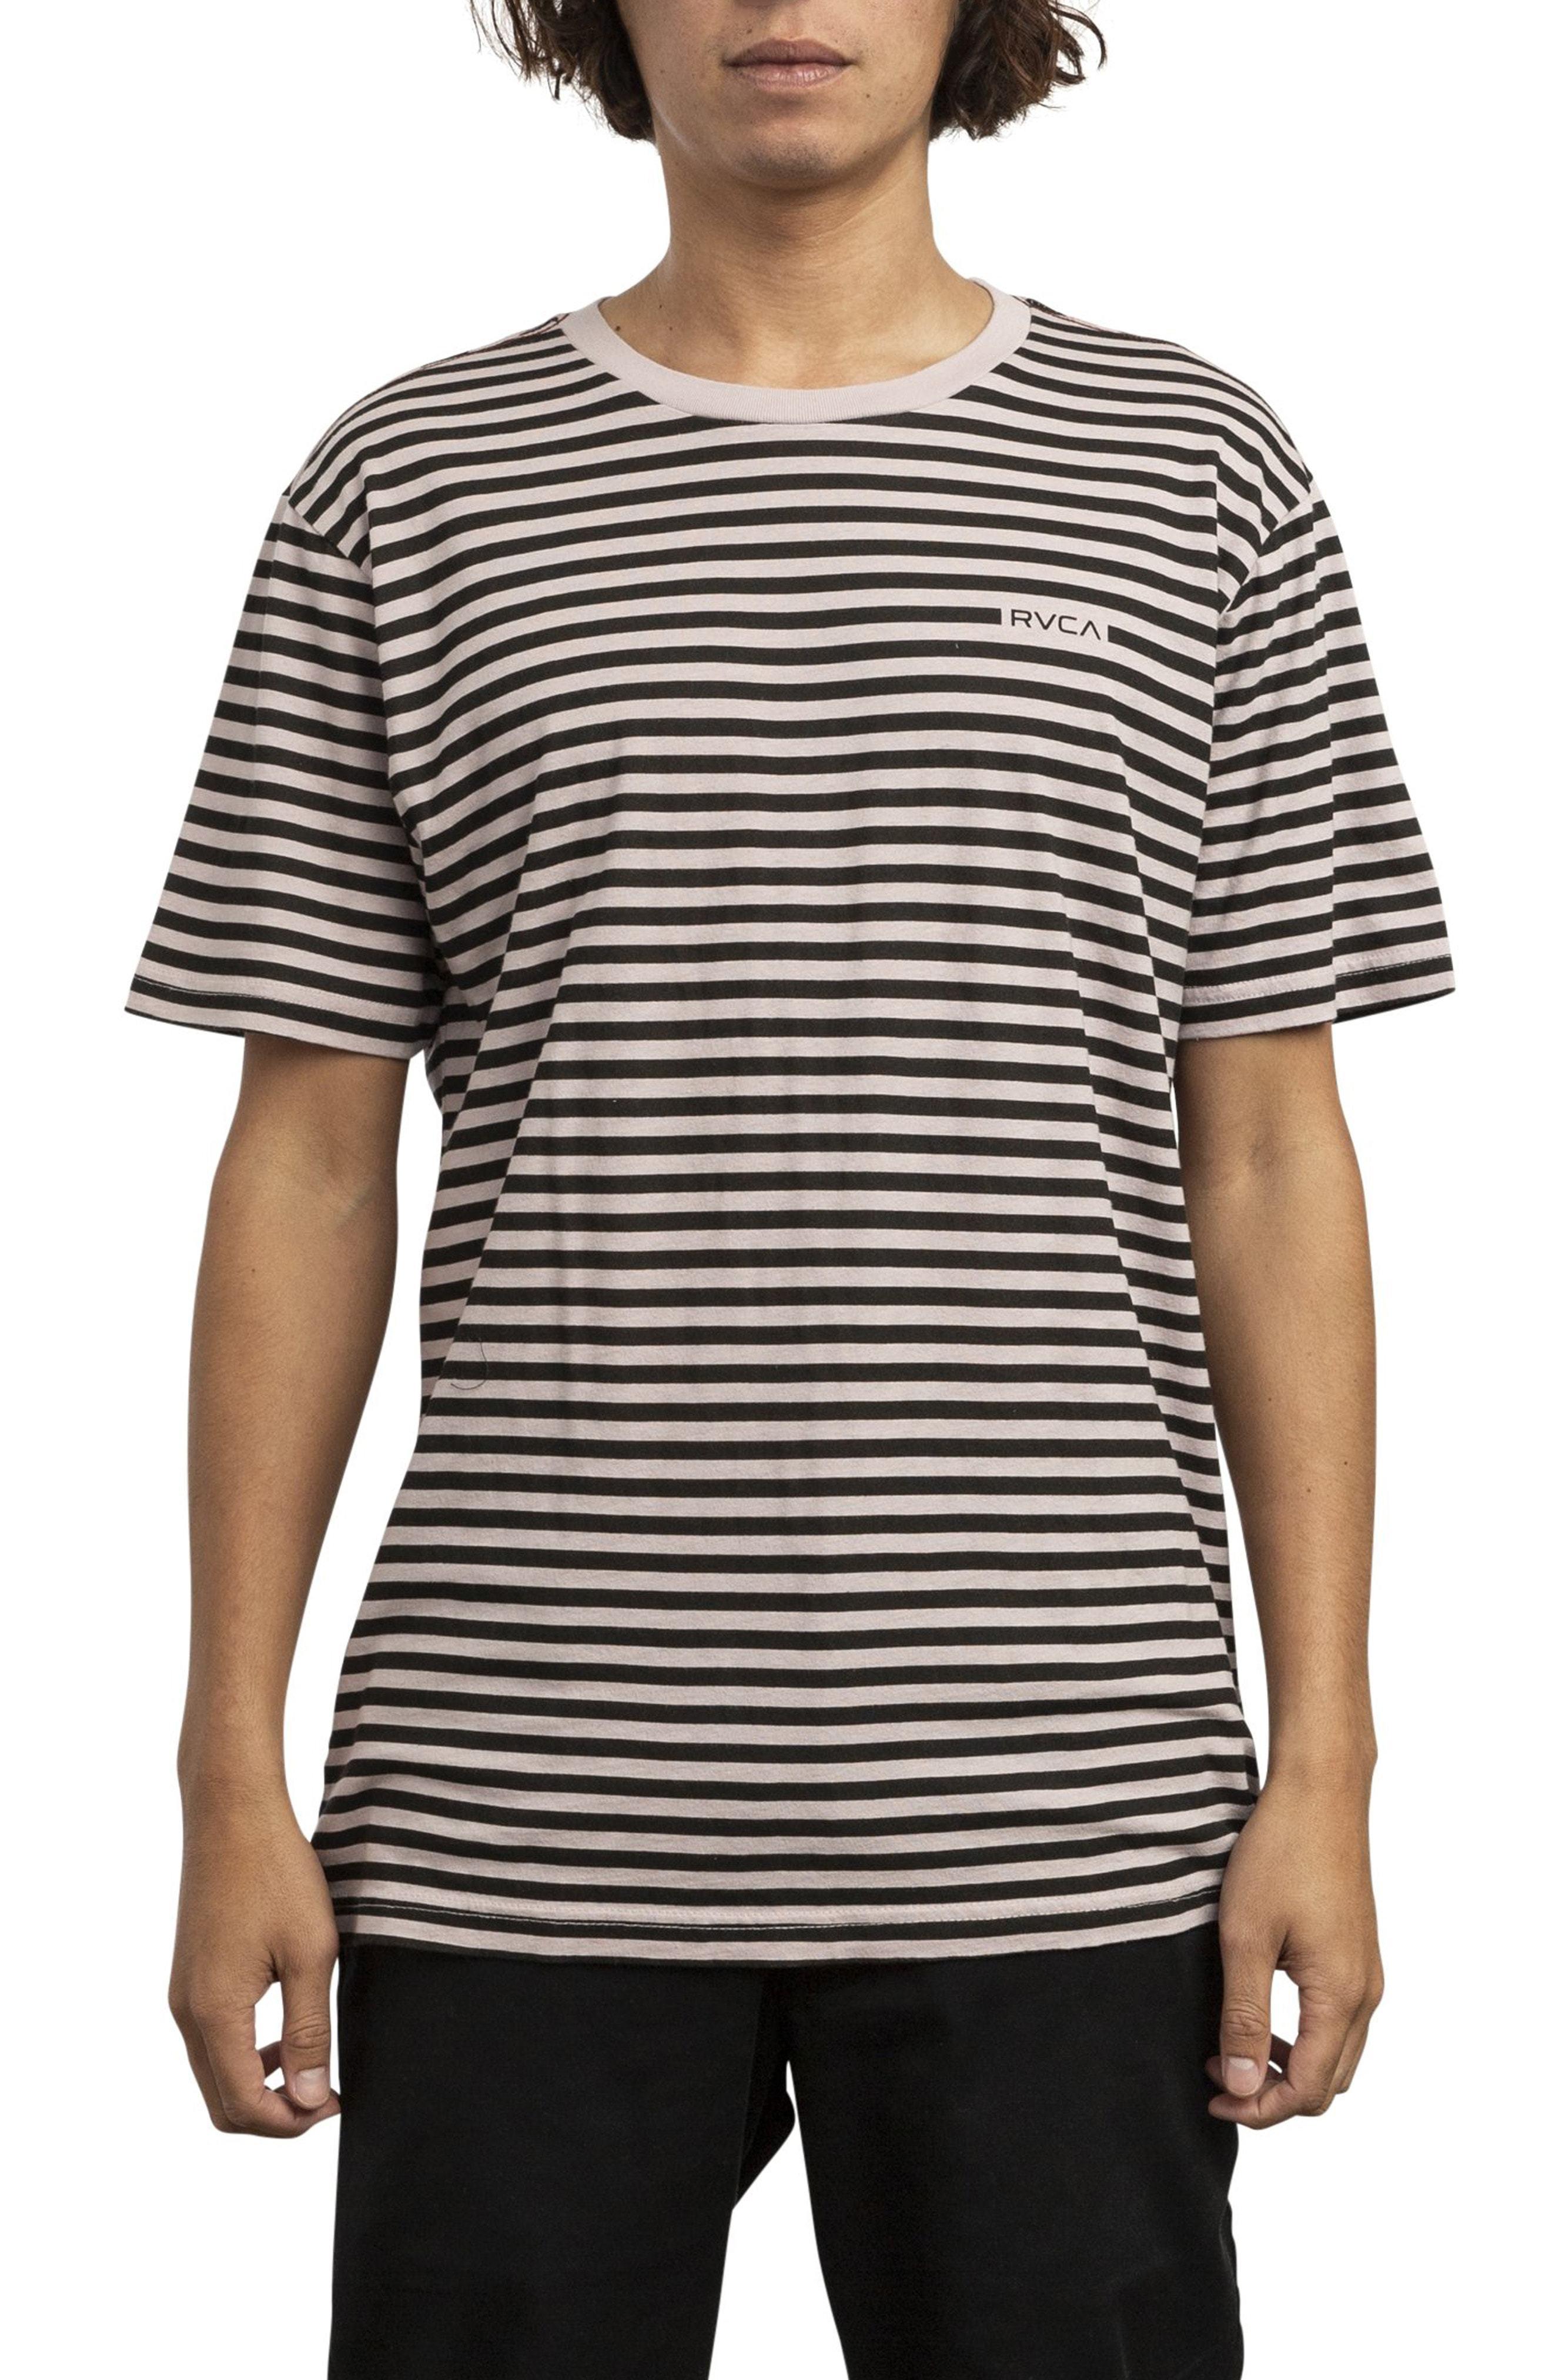 94dd510db RVCA House Stripe T Shirt, $32 | Nordstrom | Lookastic.com